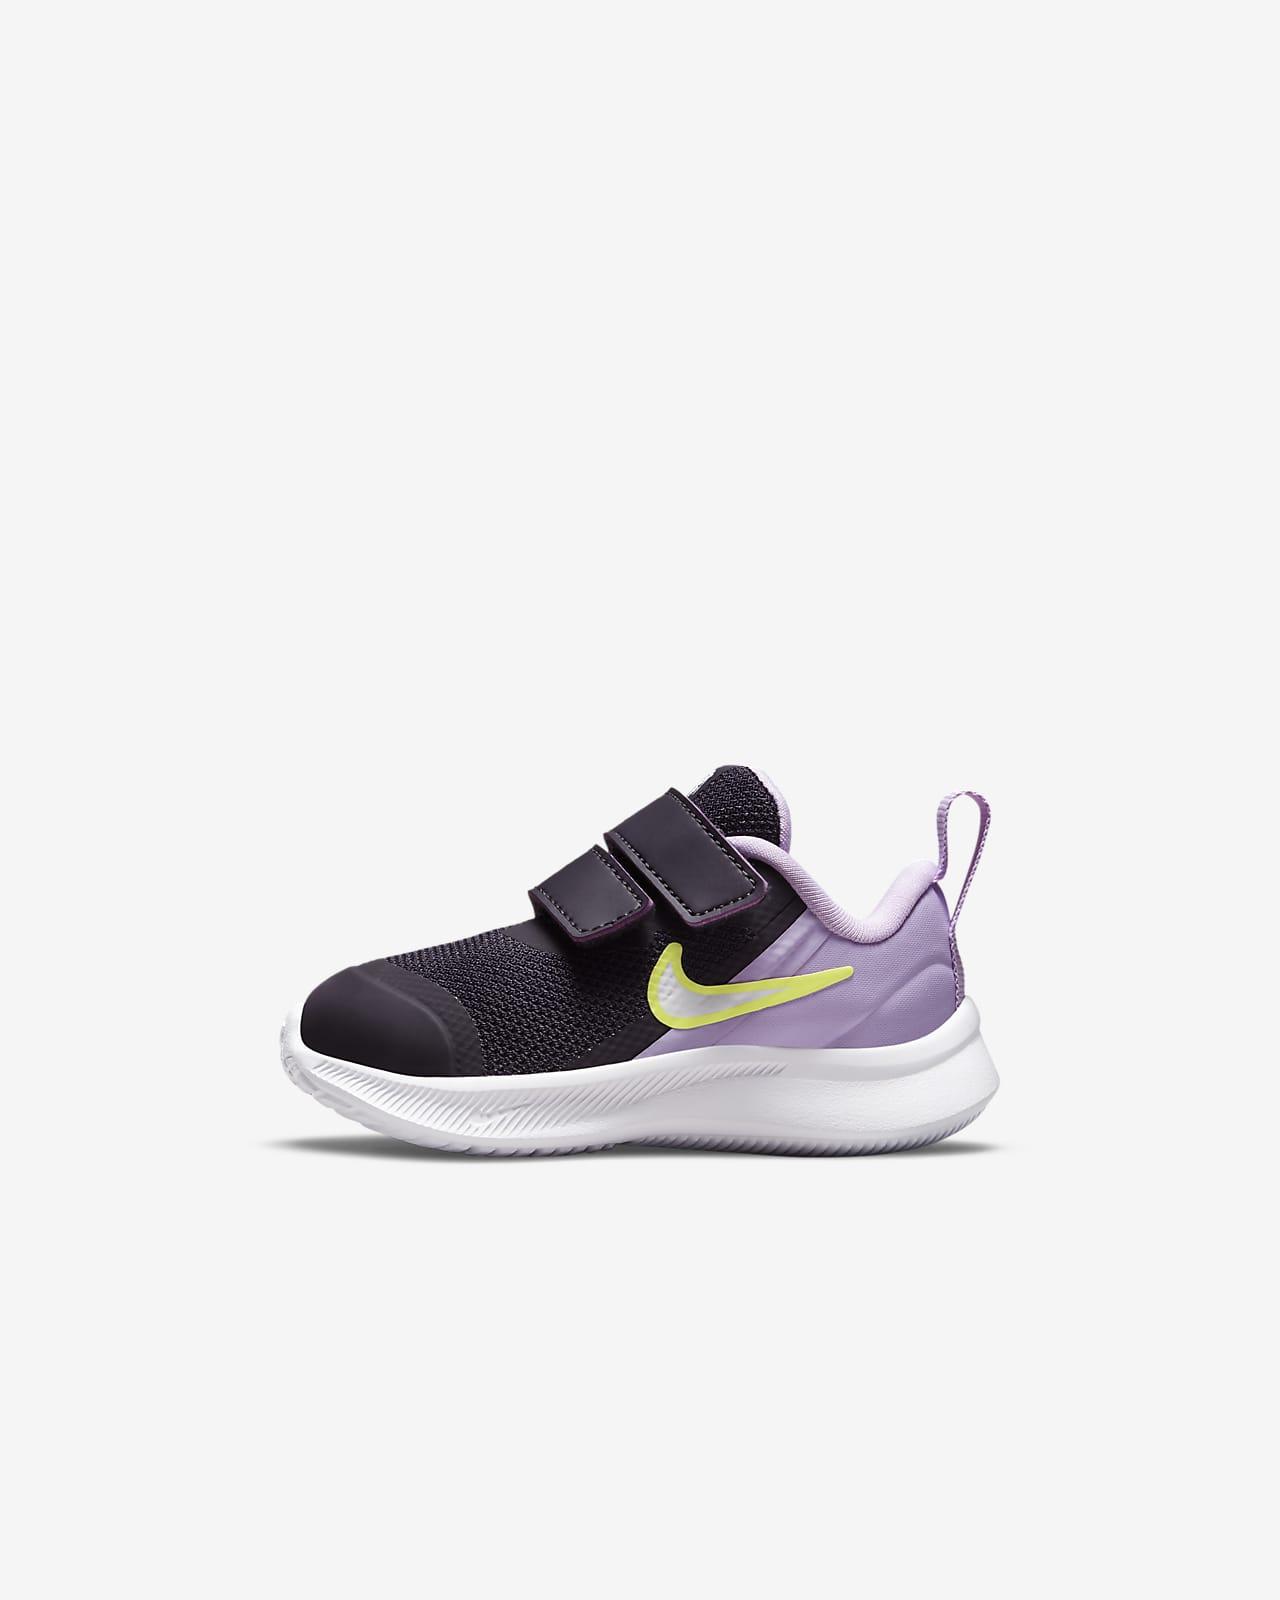 Calzado para bebé e infantil Nike Star Runner 3